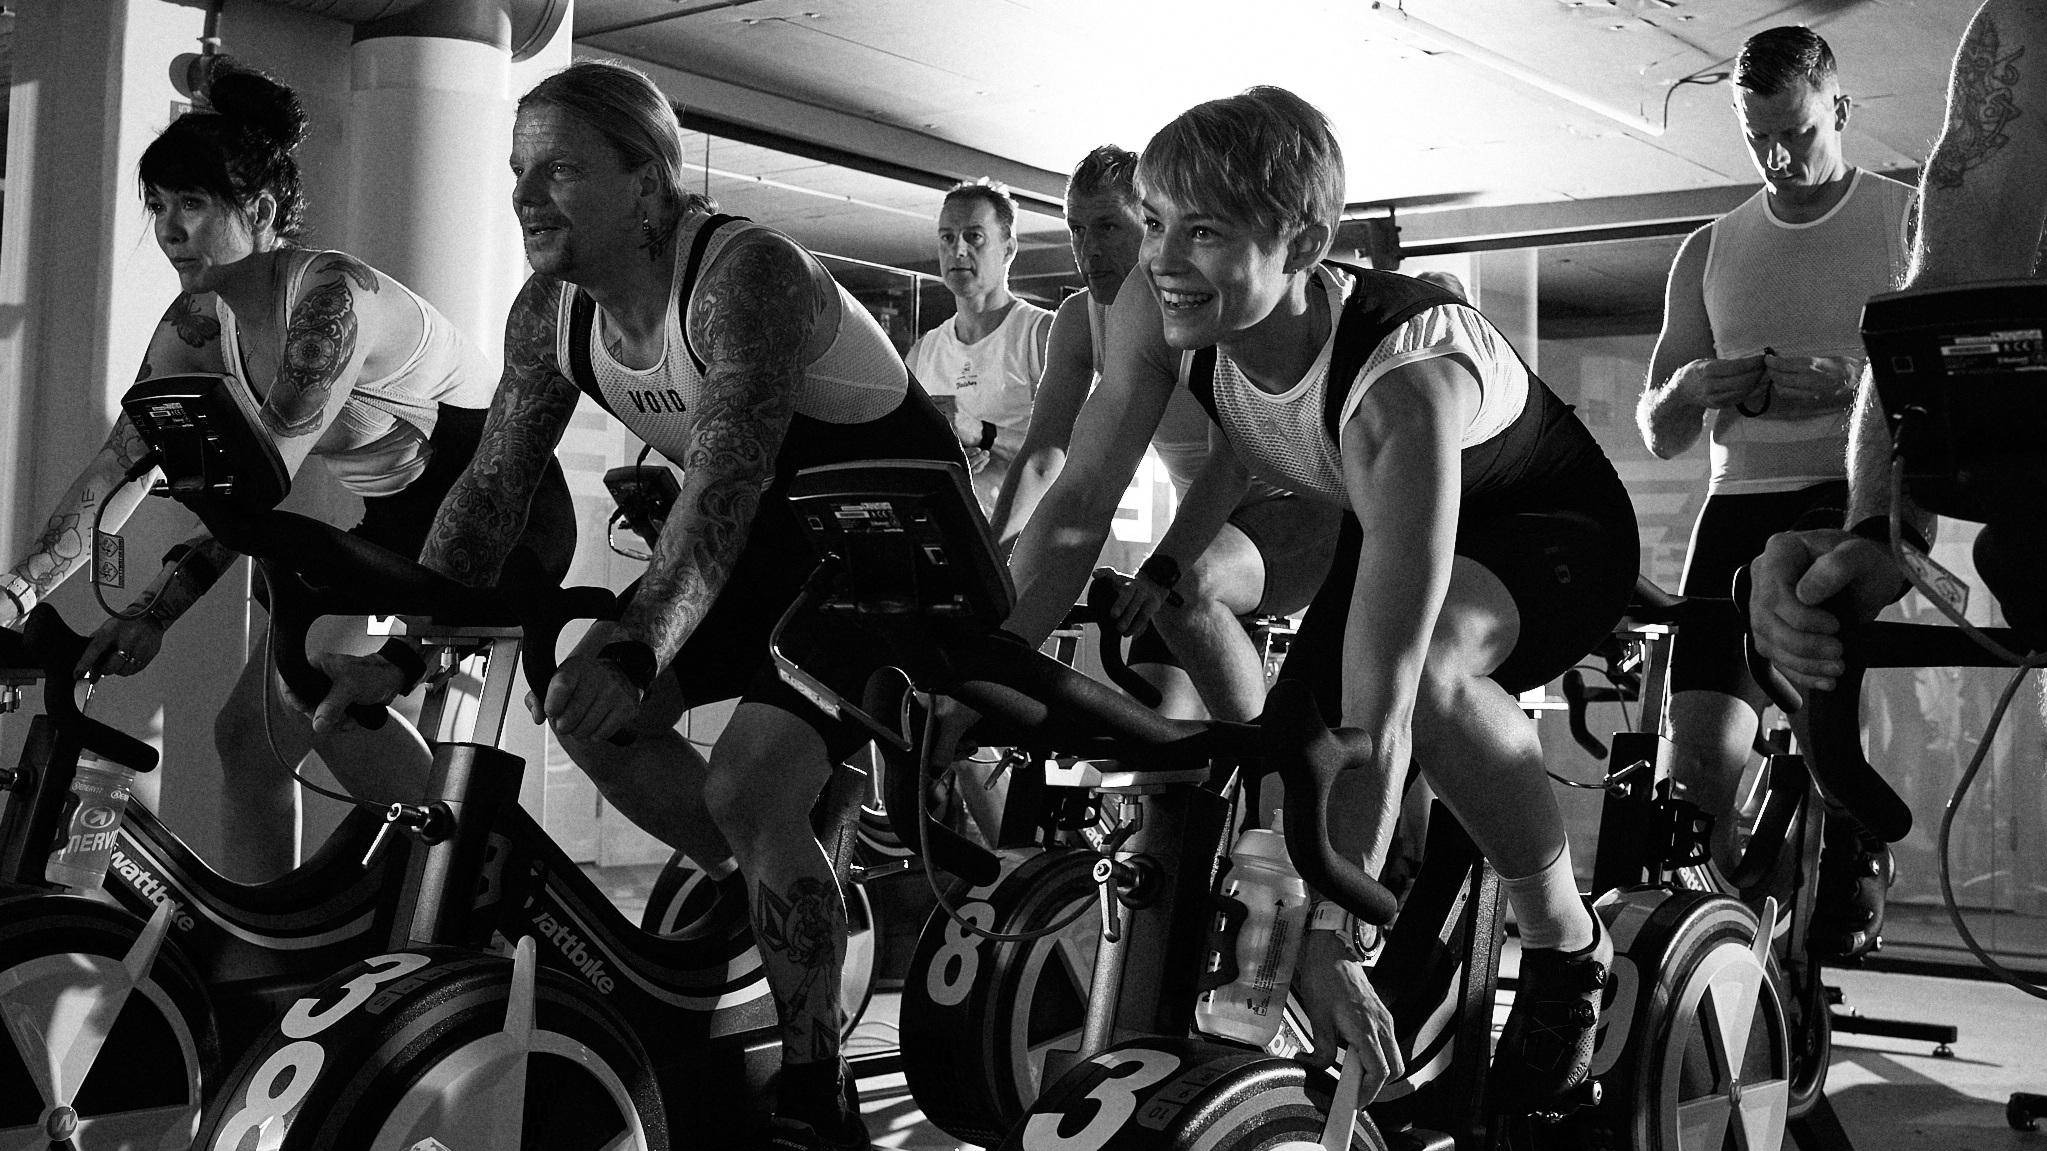 Gruppträning på cyklar - Företagsfriskvård med ett skräddarsytt upplägg efter era behov